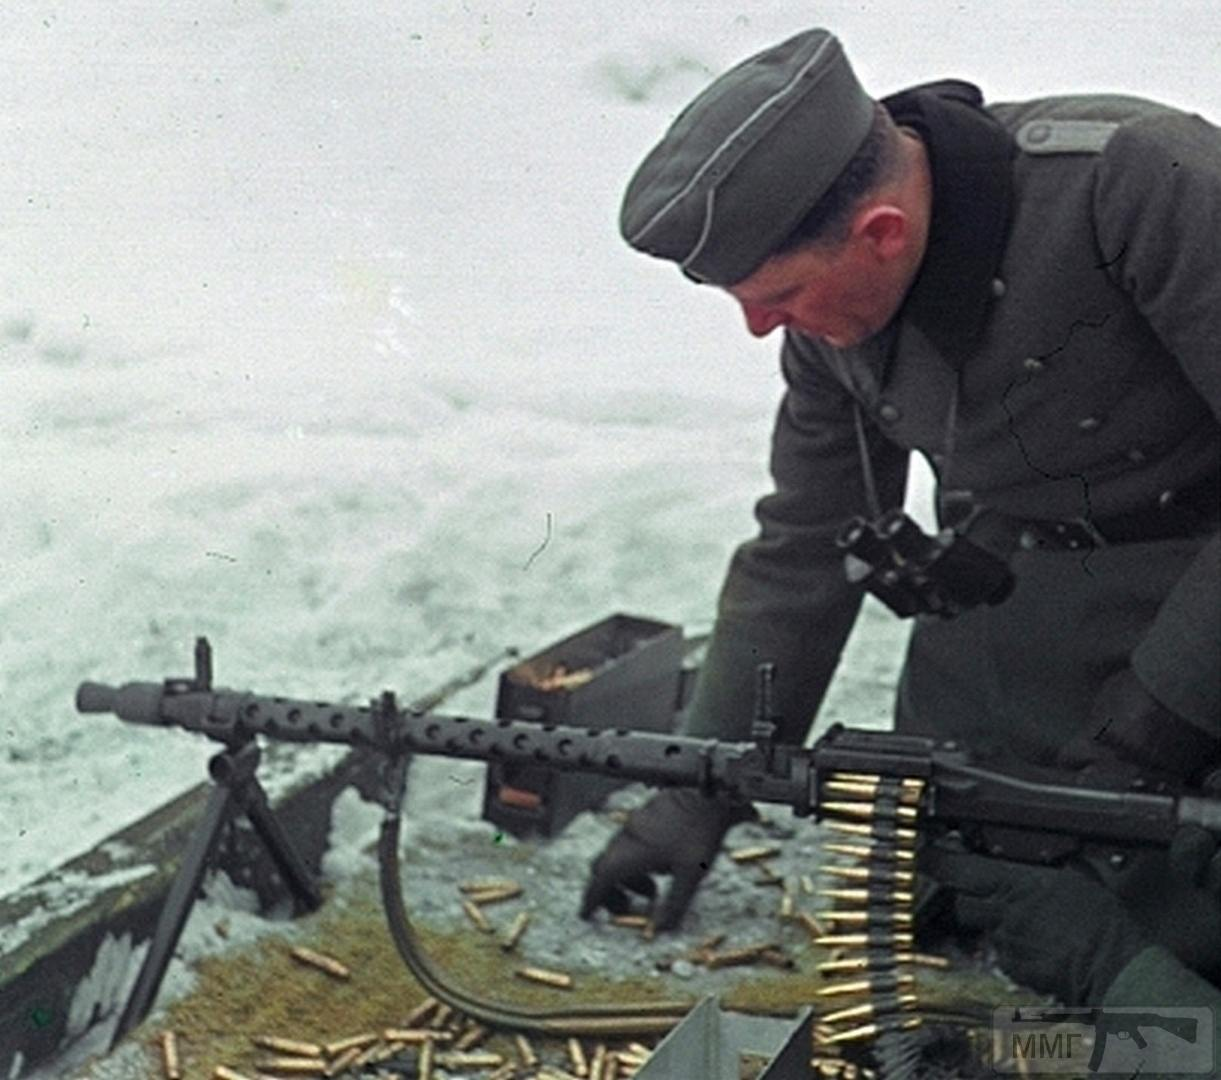 72392 - Все о пулемете MG-34 - история, модификации, клейма и т.д.